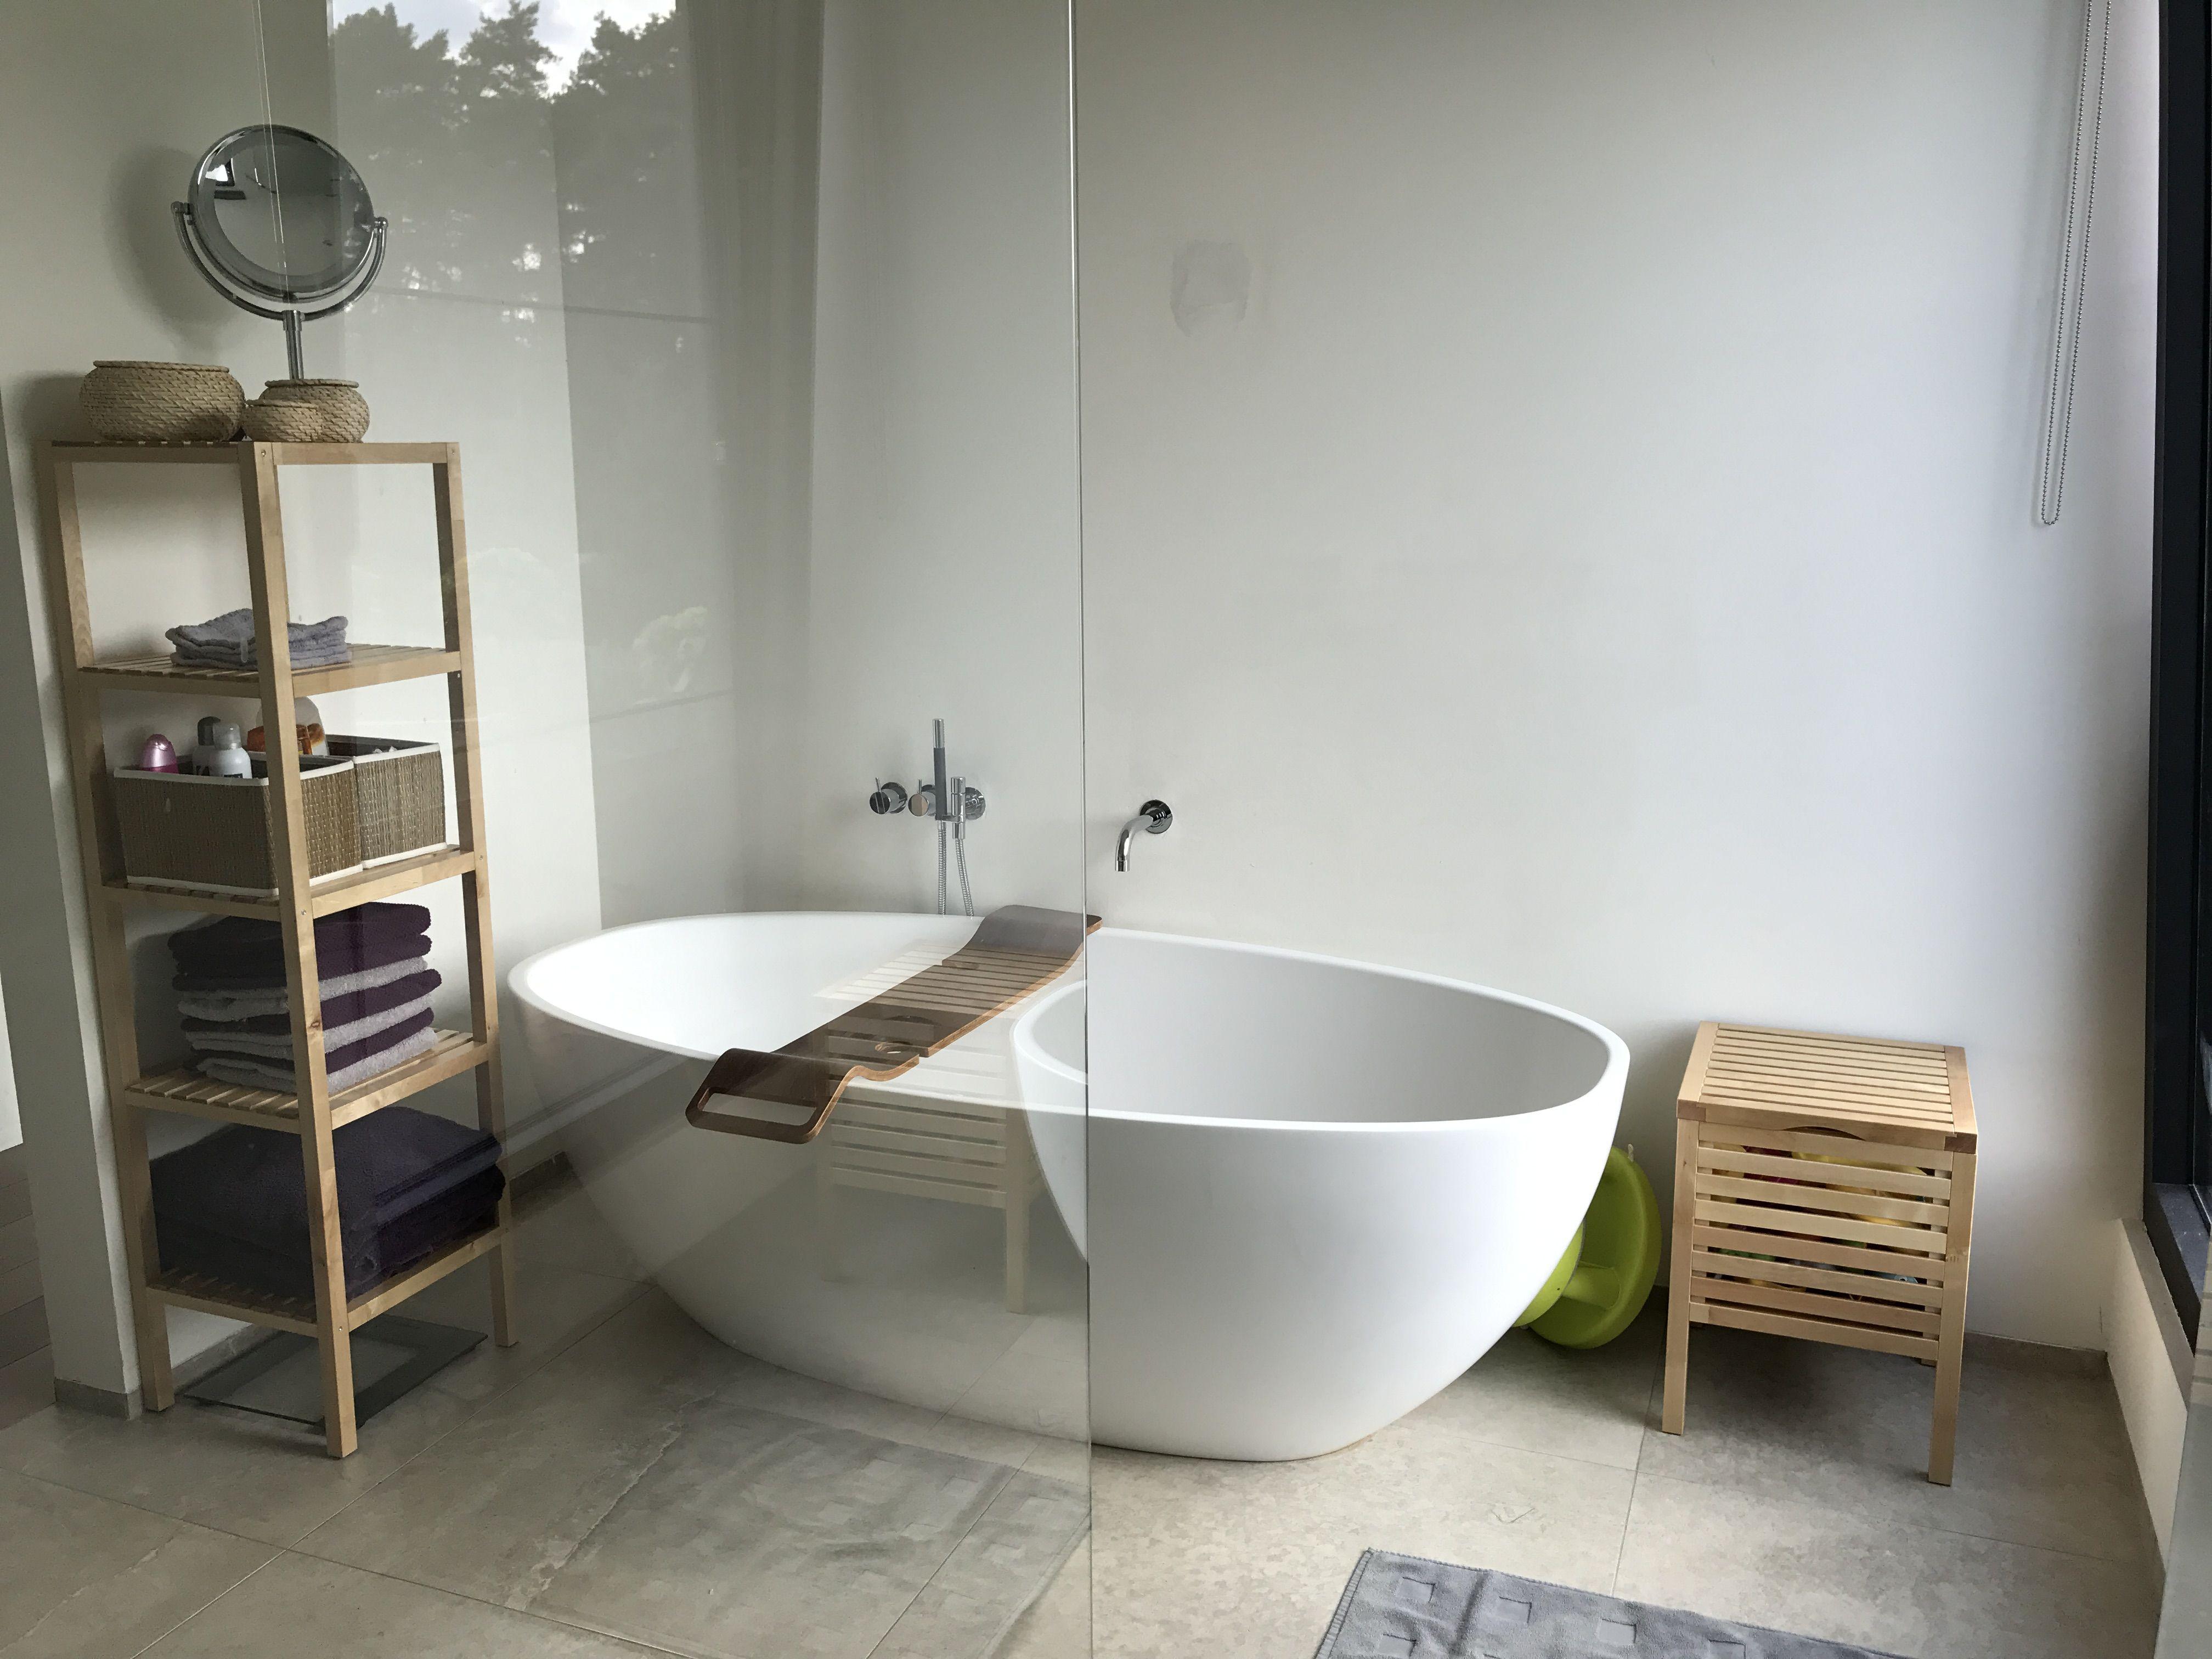 Ikea Groningen Badkamer : Badkamer bad kast ikea badkamer